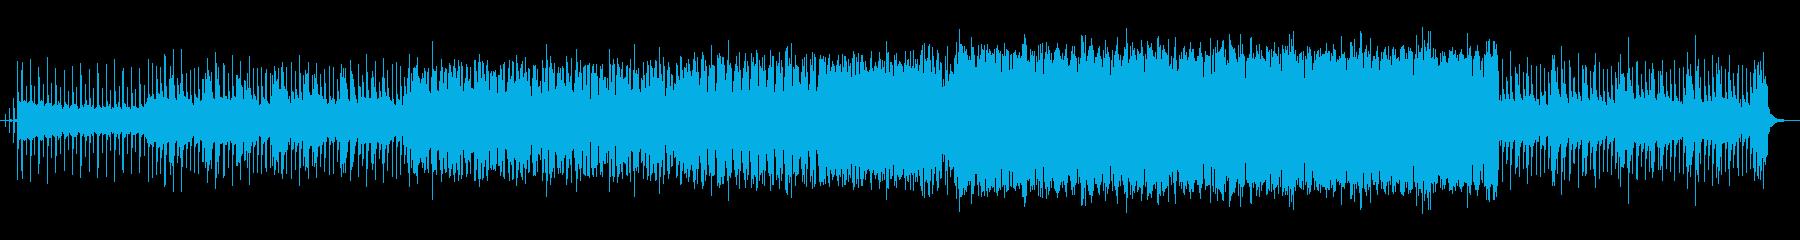 壮大感のあるEDMの再生済みの波形